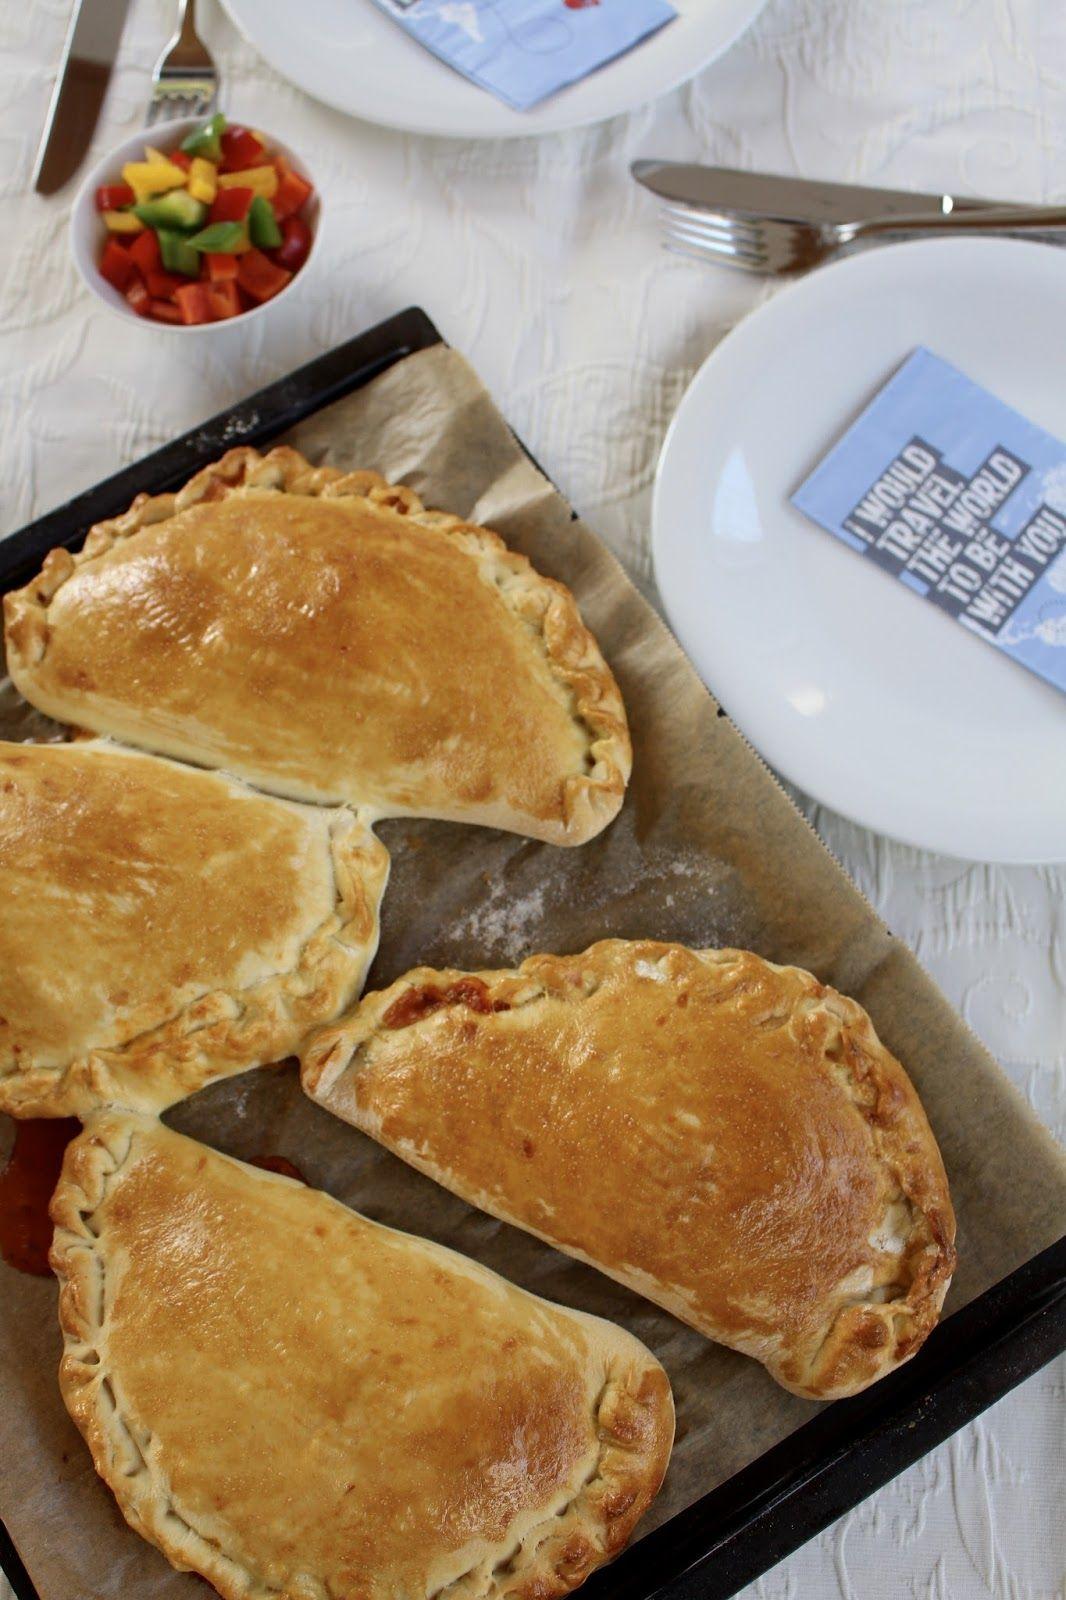 Calzone gefüllt mit bunter Paprika und zart schmelzendem Mozzarella - vegetarisches Backen aus Italien - Video